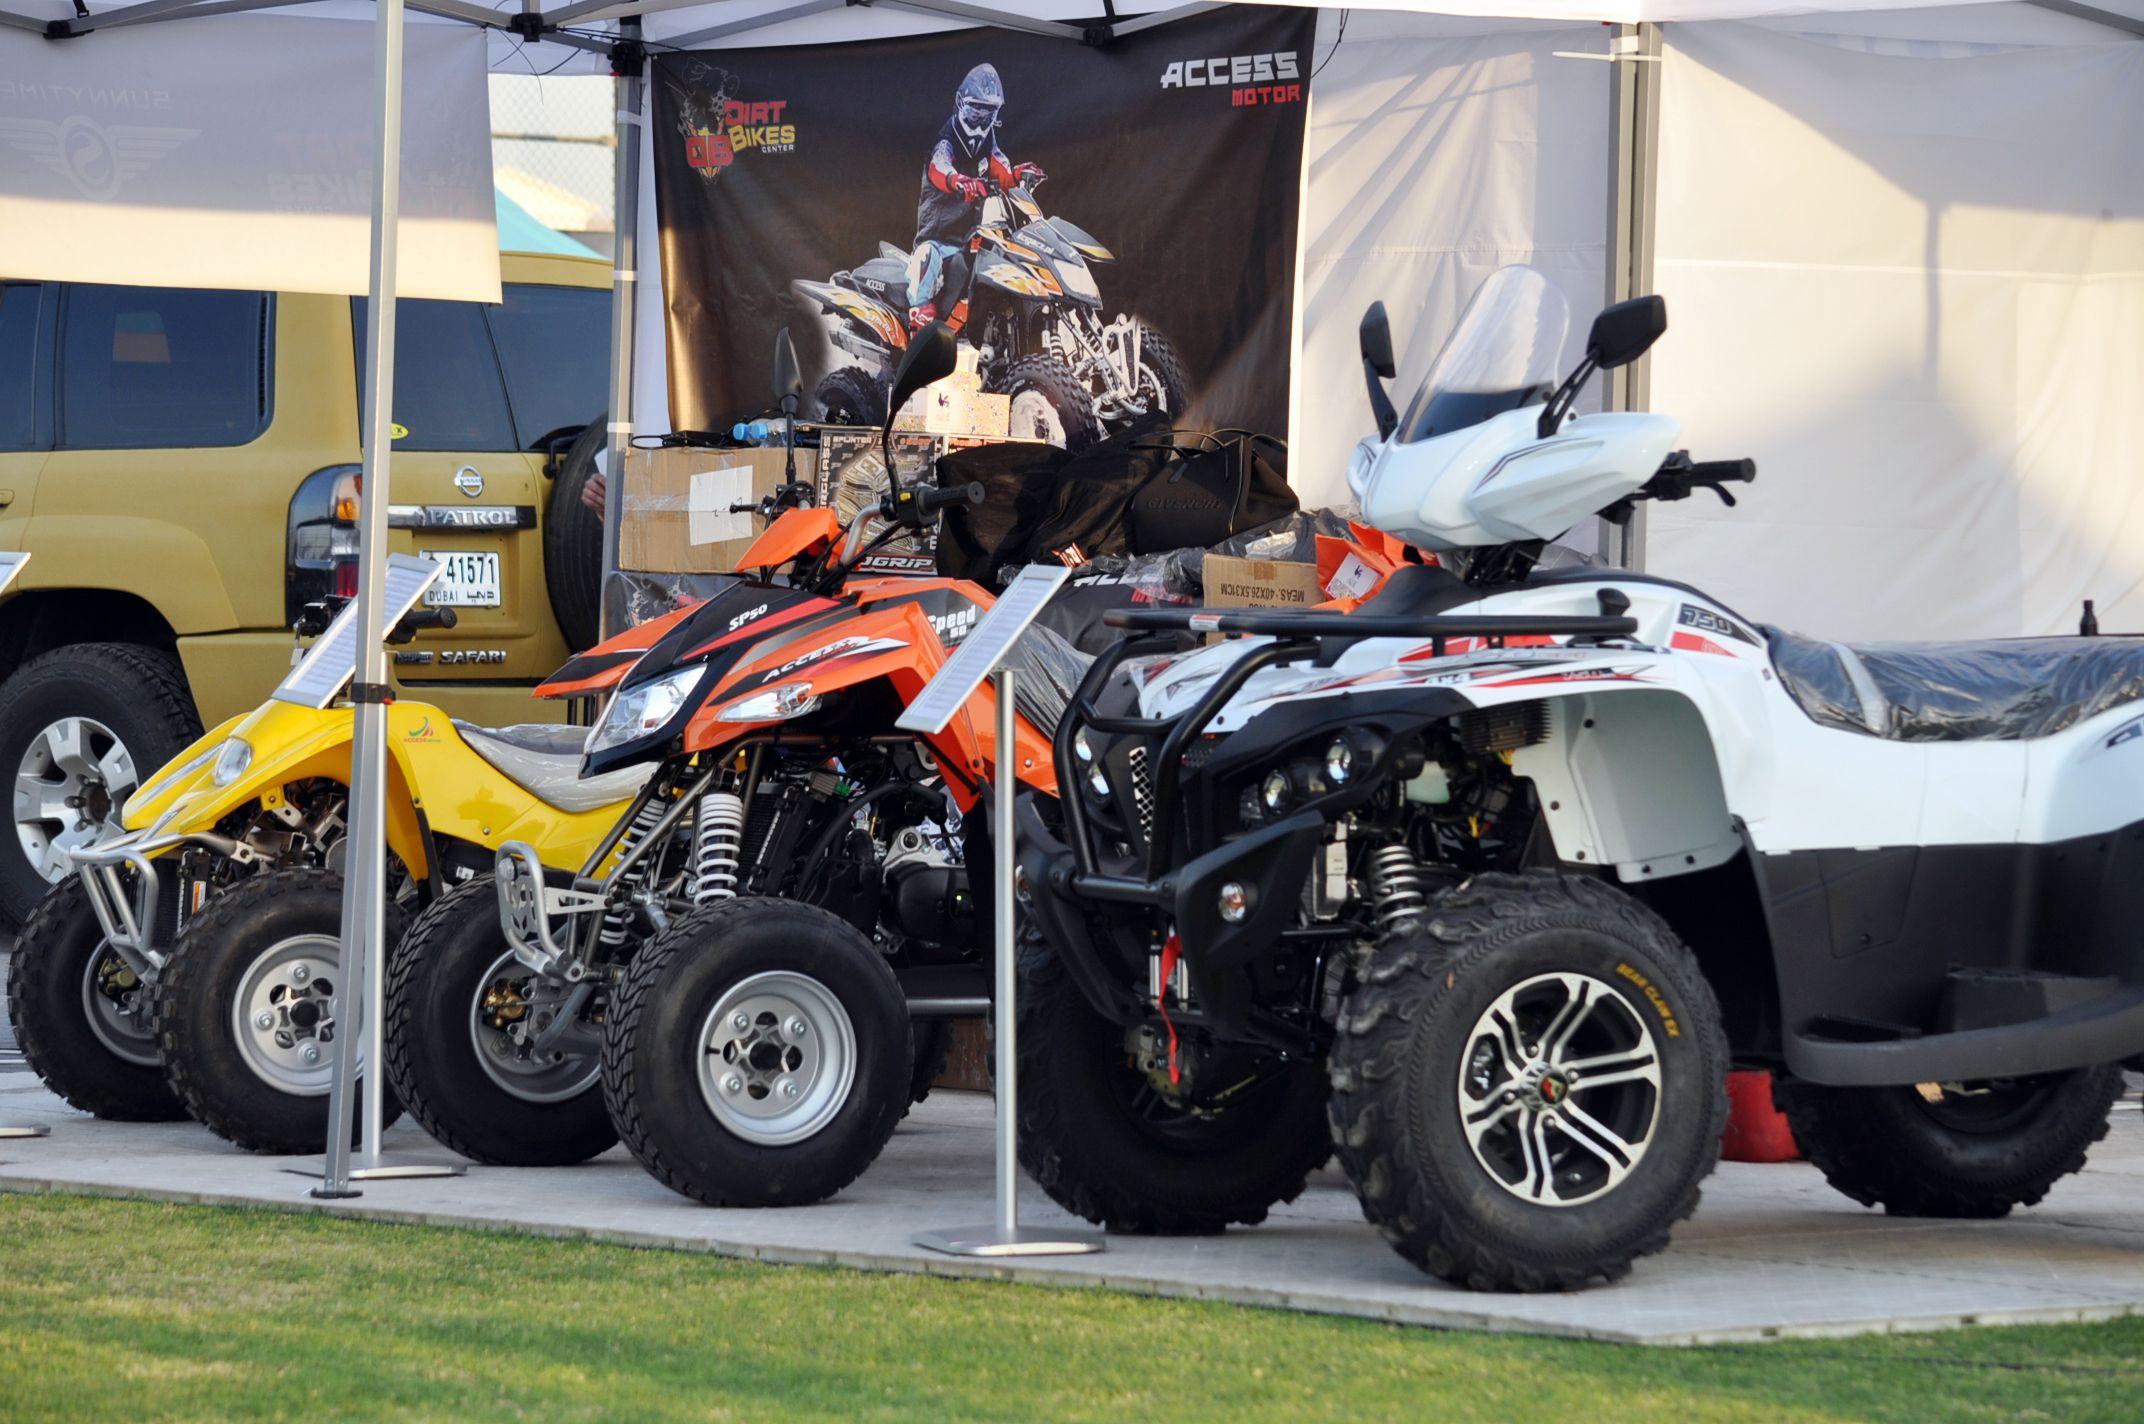 Pɪɴᴛᴇʀᴇꜱᴛ Mᴇʟᴀɴɪᴇeᴍᴍꜱxxx Atv Quads Yamaha